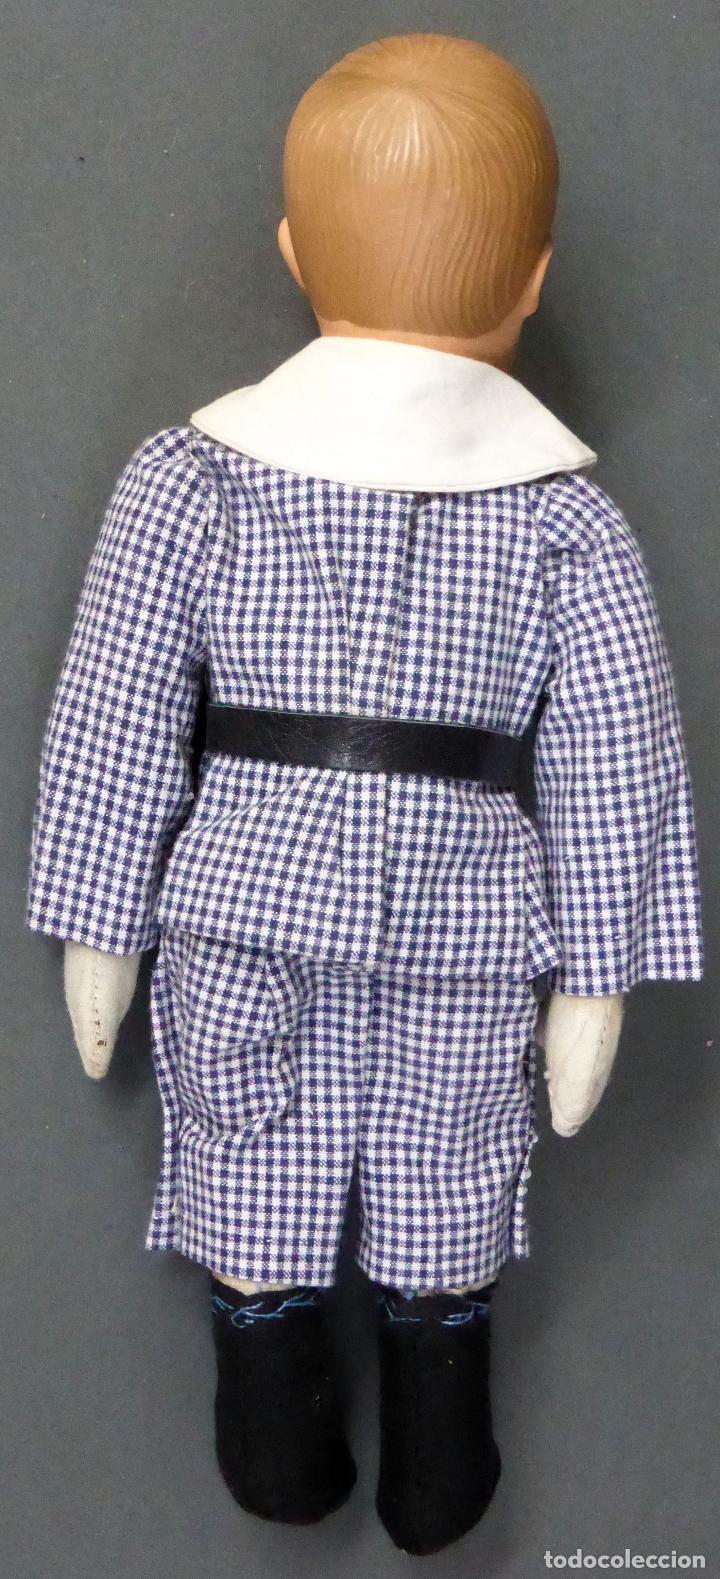 Muñecas Celuloide: Niño celuloide La Tortuga 102/9 Schildkrot Germany y cuerpo trapo marca nuca ropa original años 30 - Foto 4 - 89646976